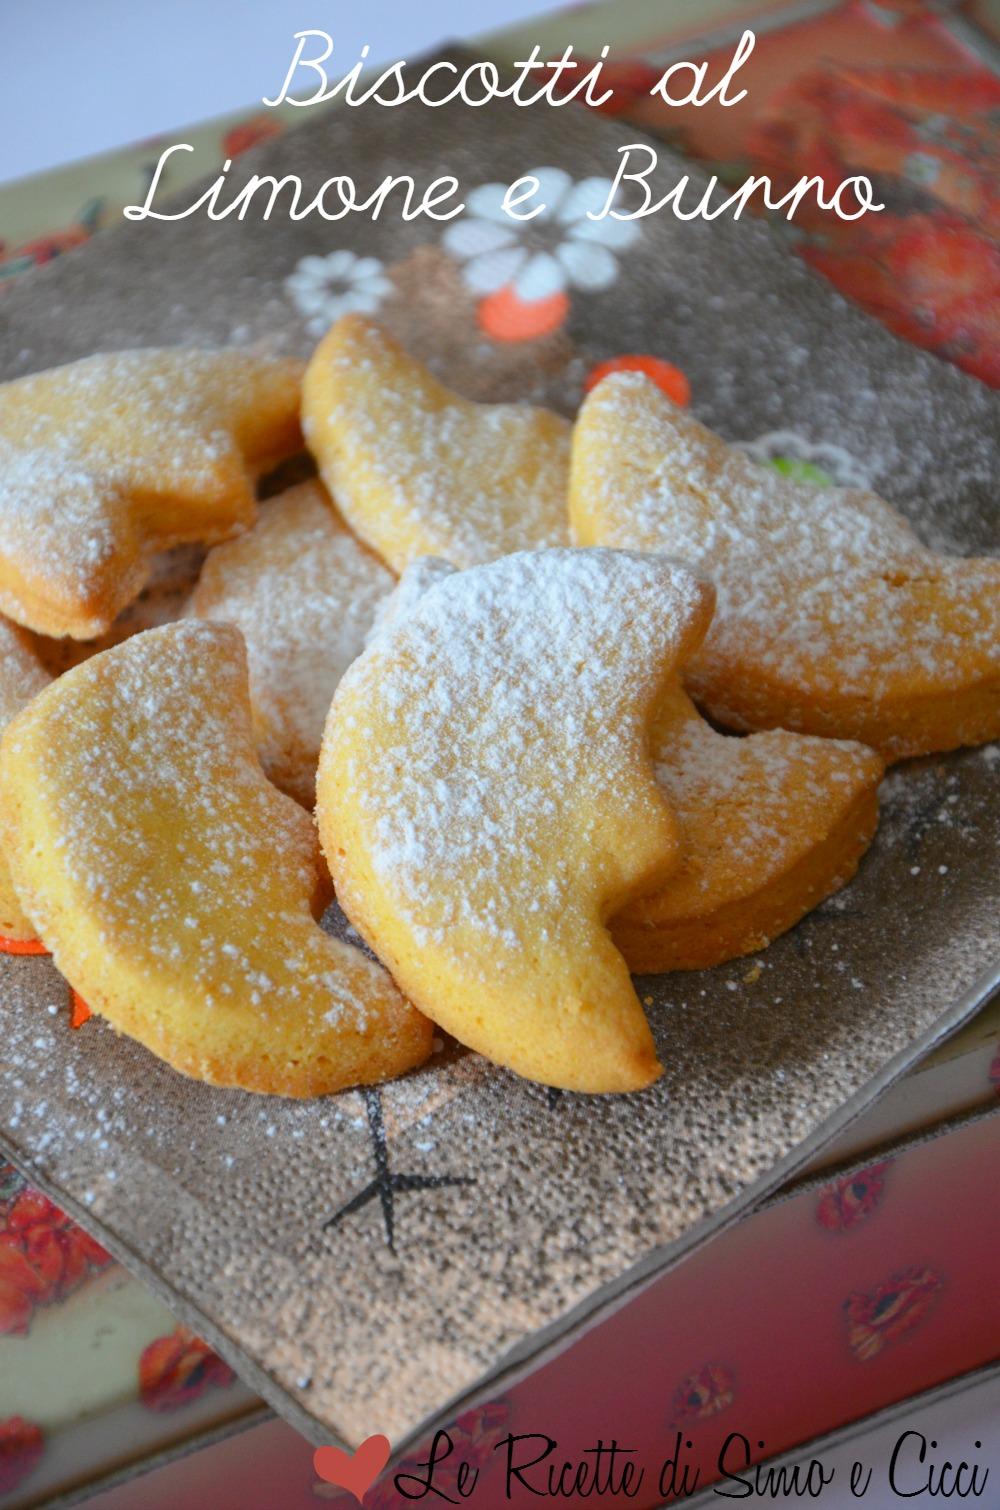 Biscotti al Limone e Burro